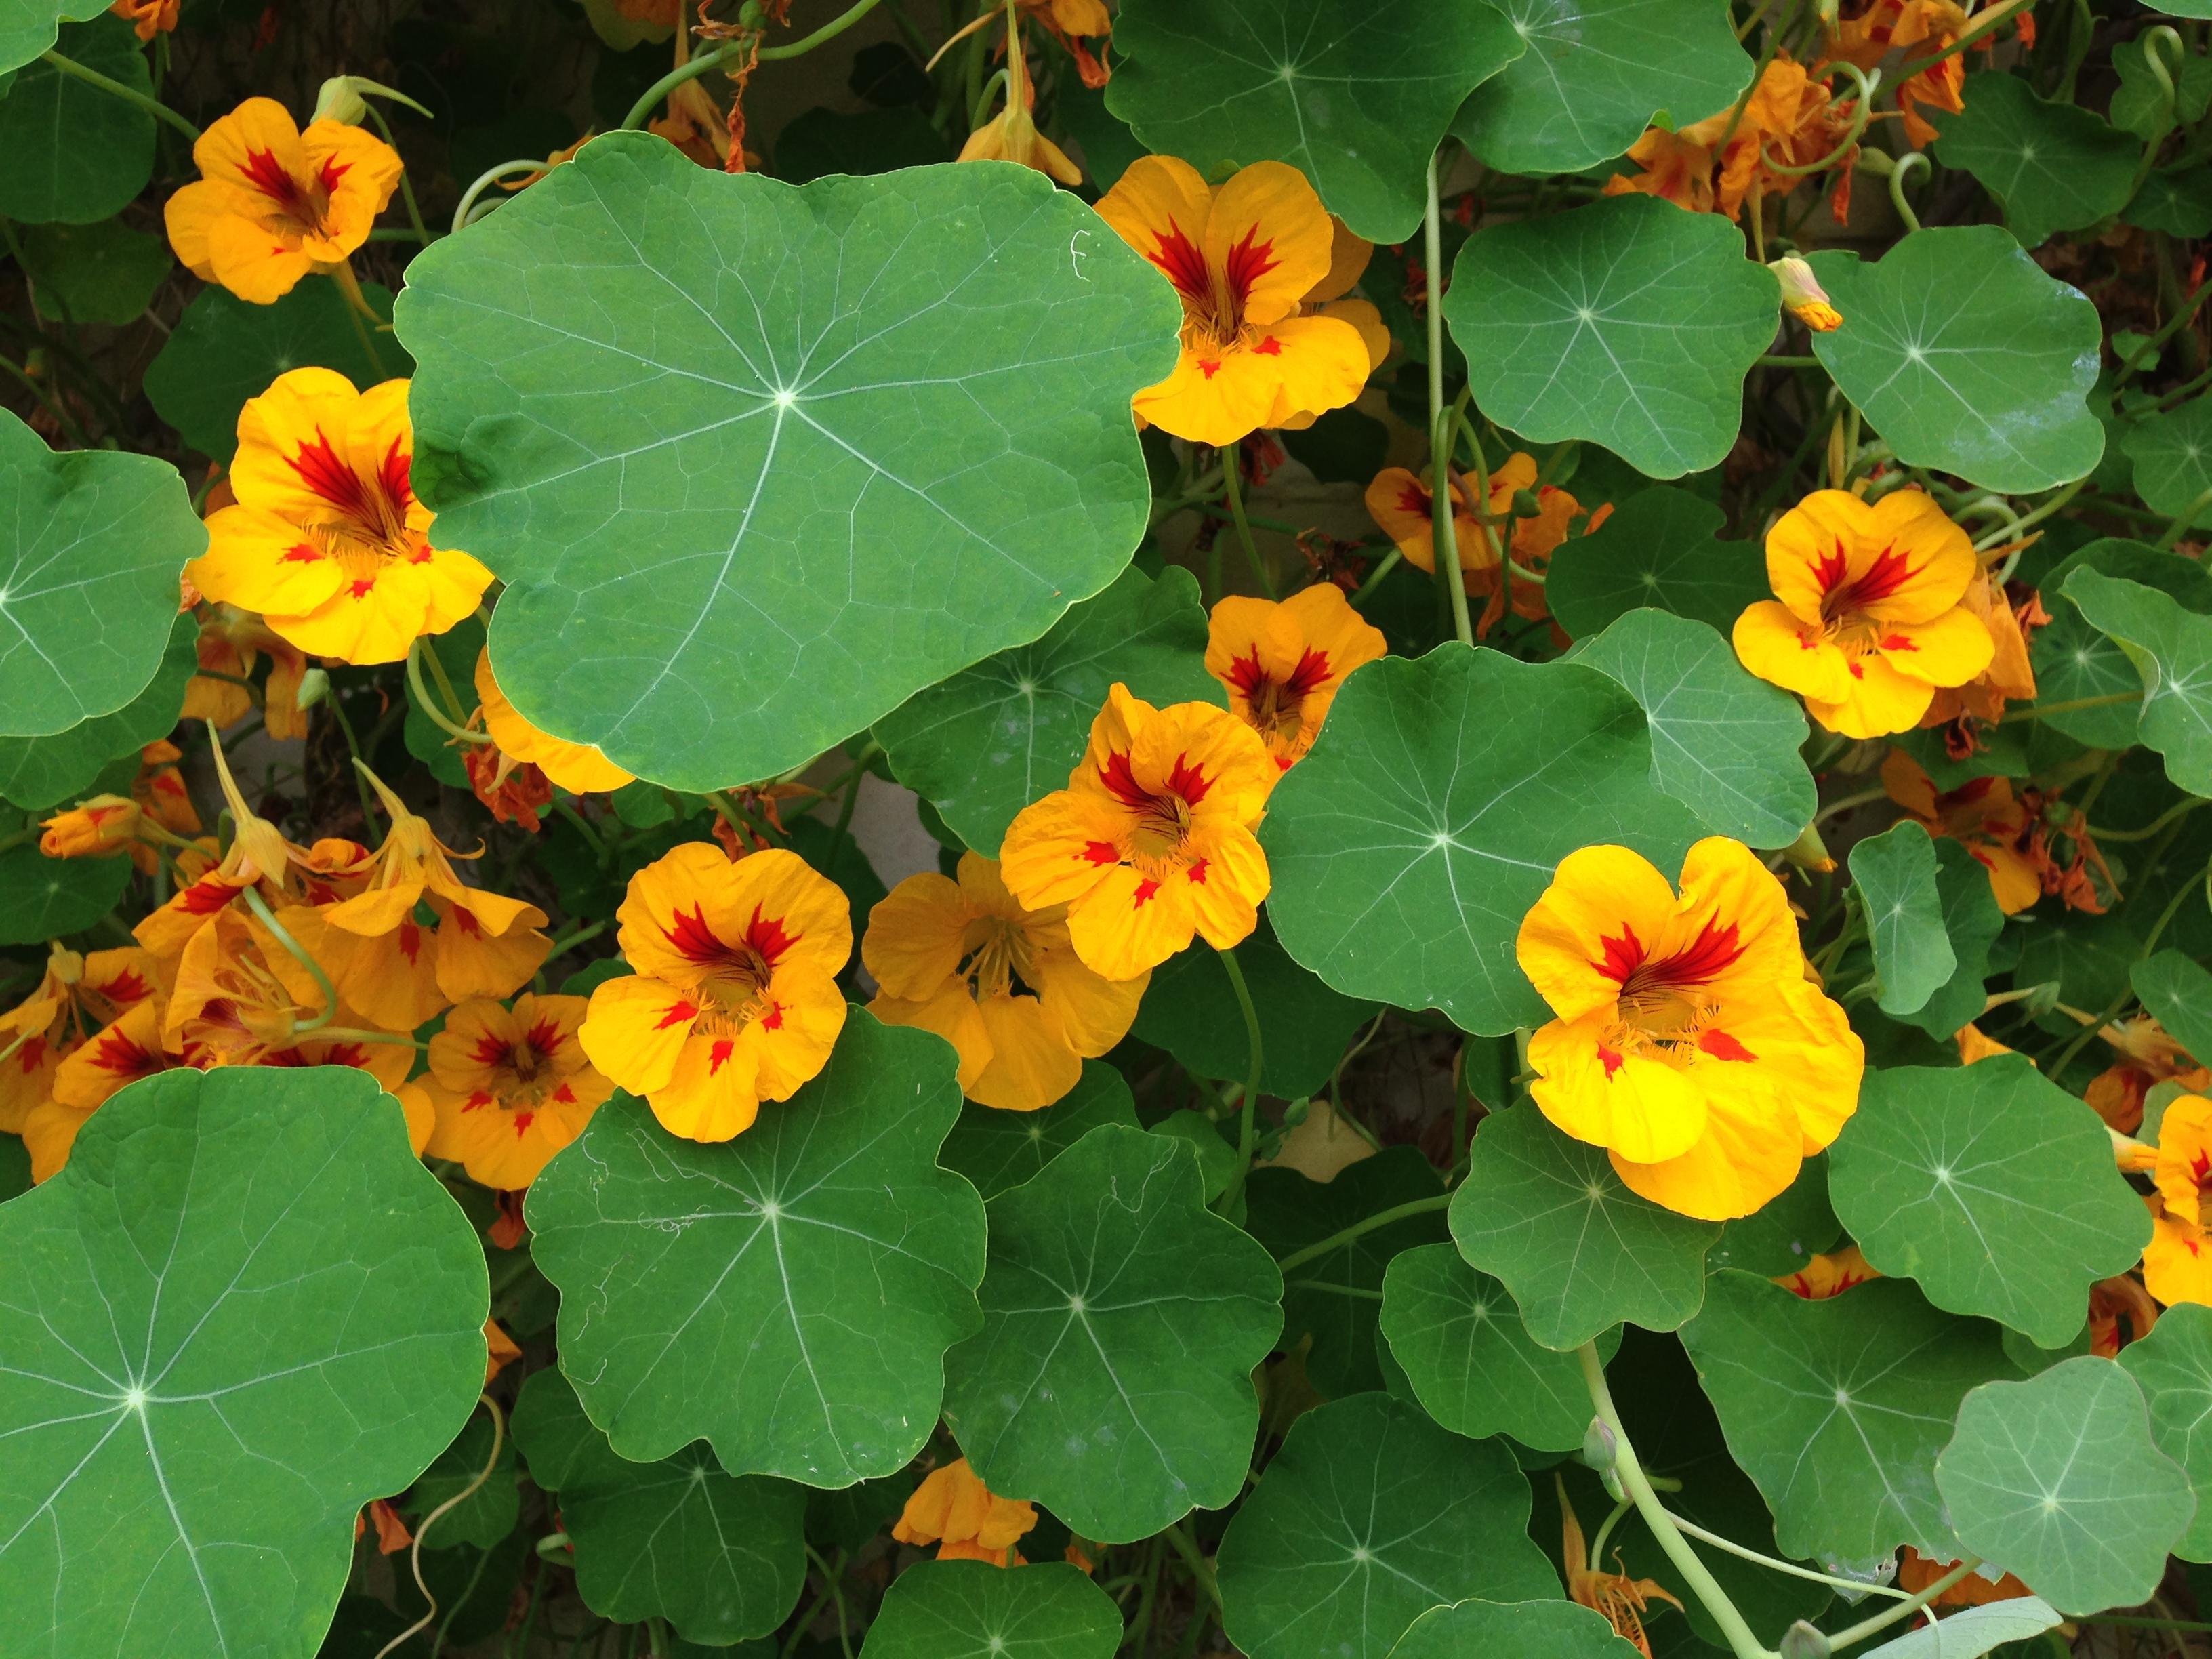 Yellow_and_red_Tropaeolum_majus_(Garden_nasturtium) by Mary Hutchison via Wikimedia